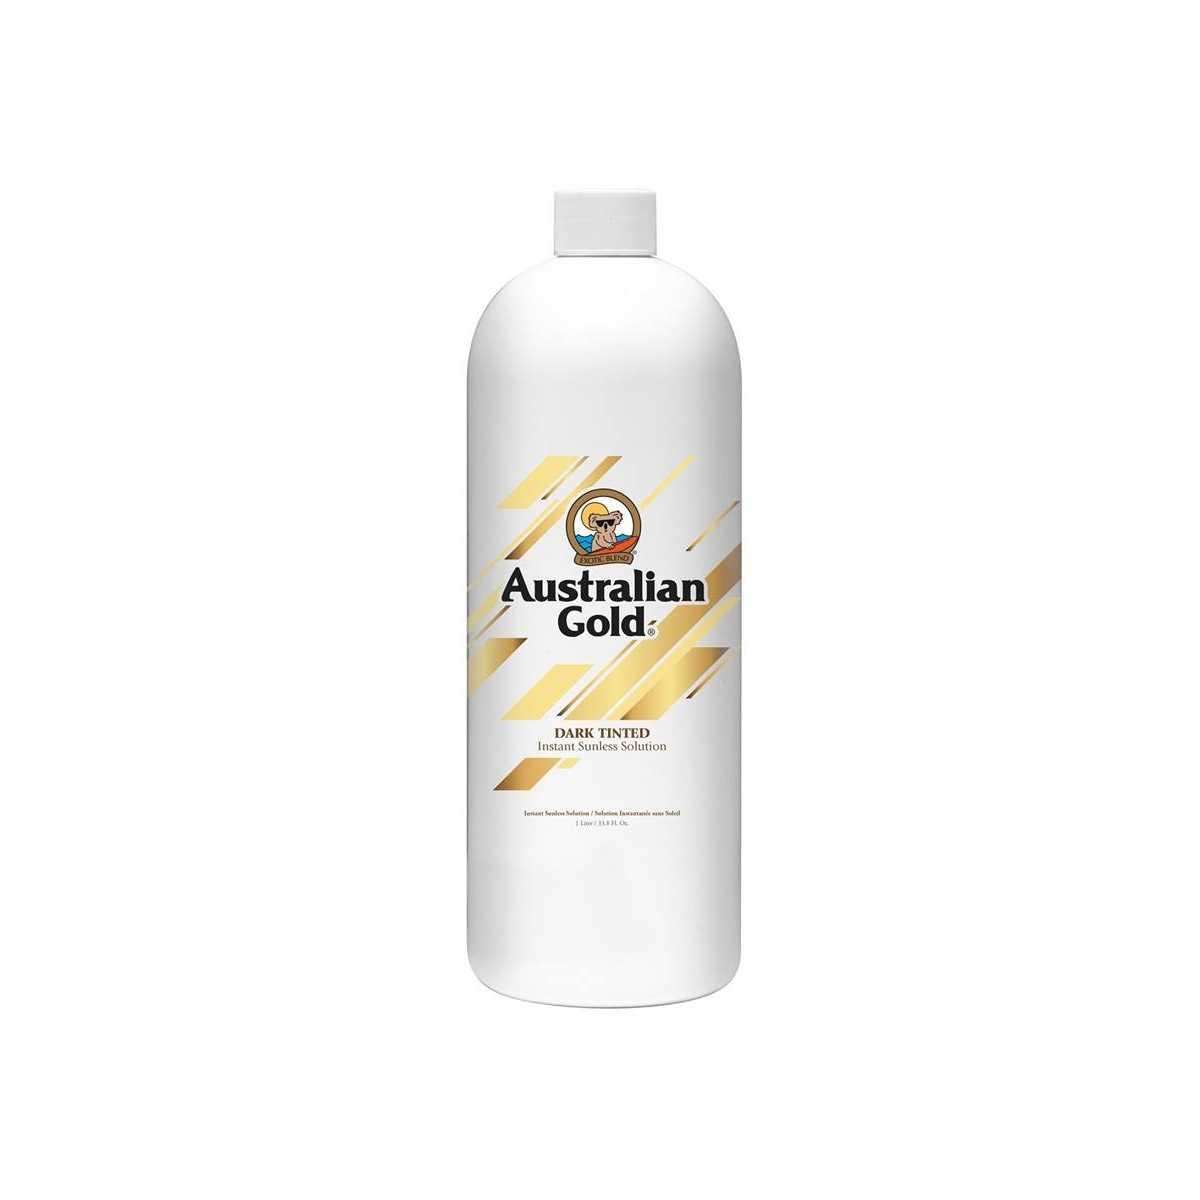 DHA Professionale Australian Gold - 1 litro - Lozioni DHA Professionisti per cabina -